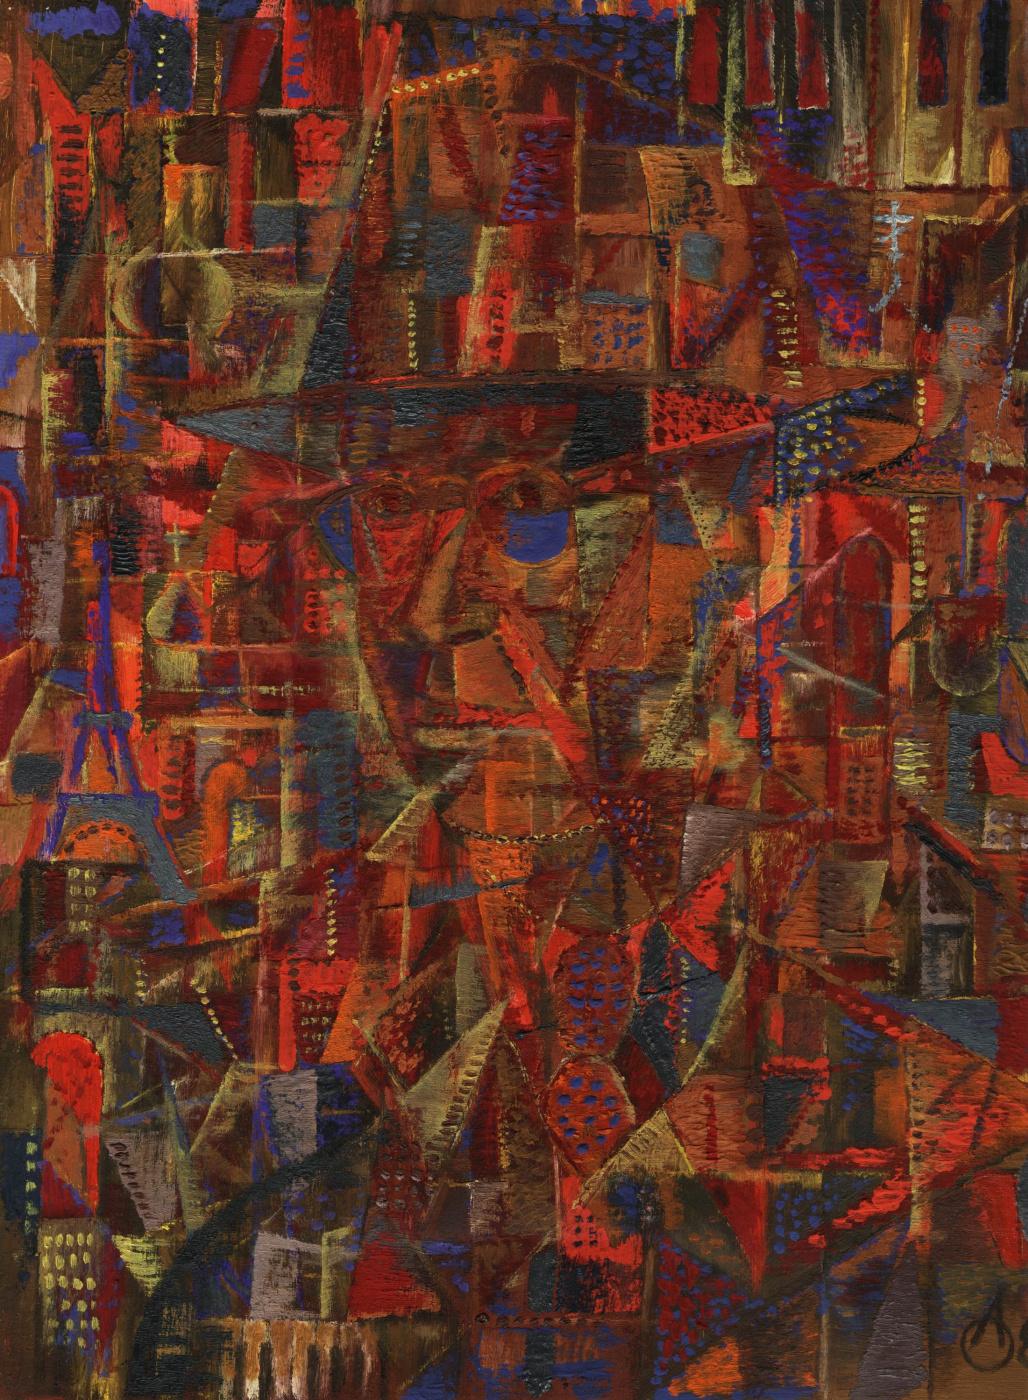 Unknown artist. Prokofiev